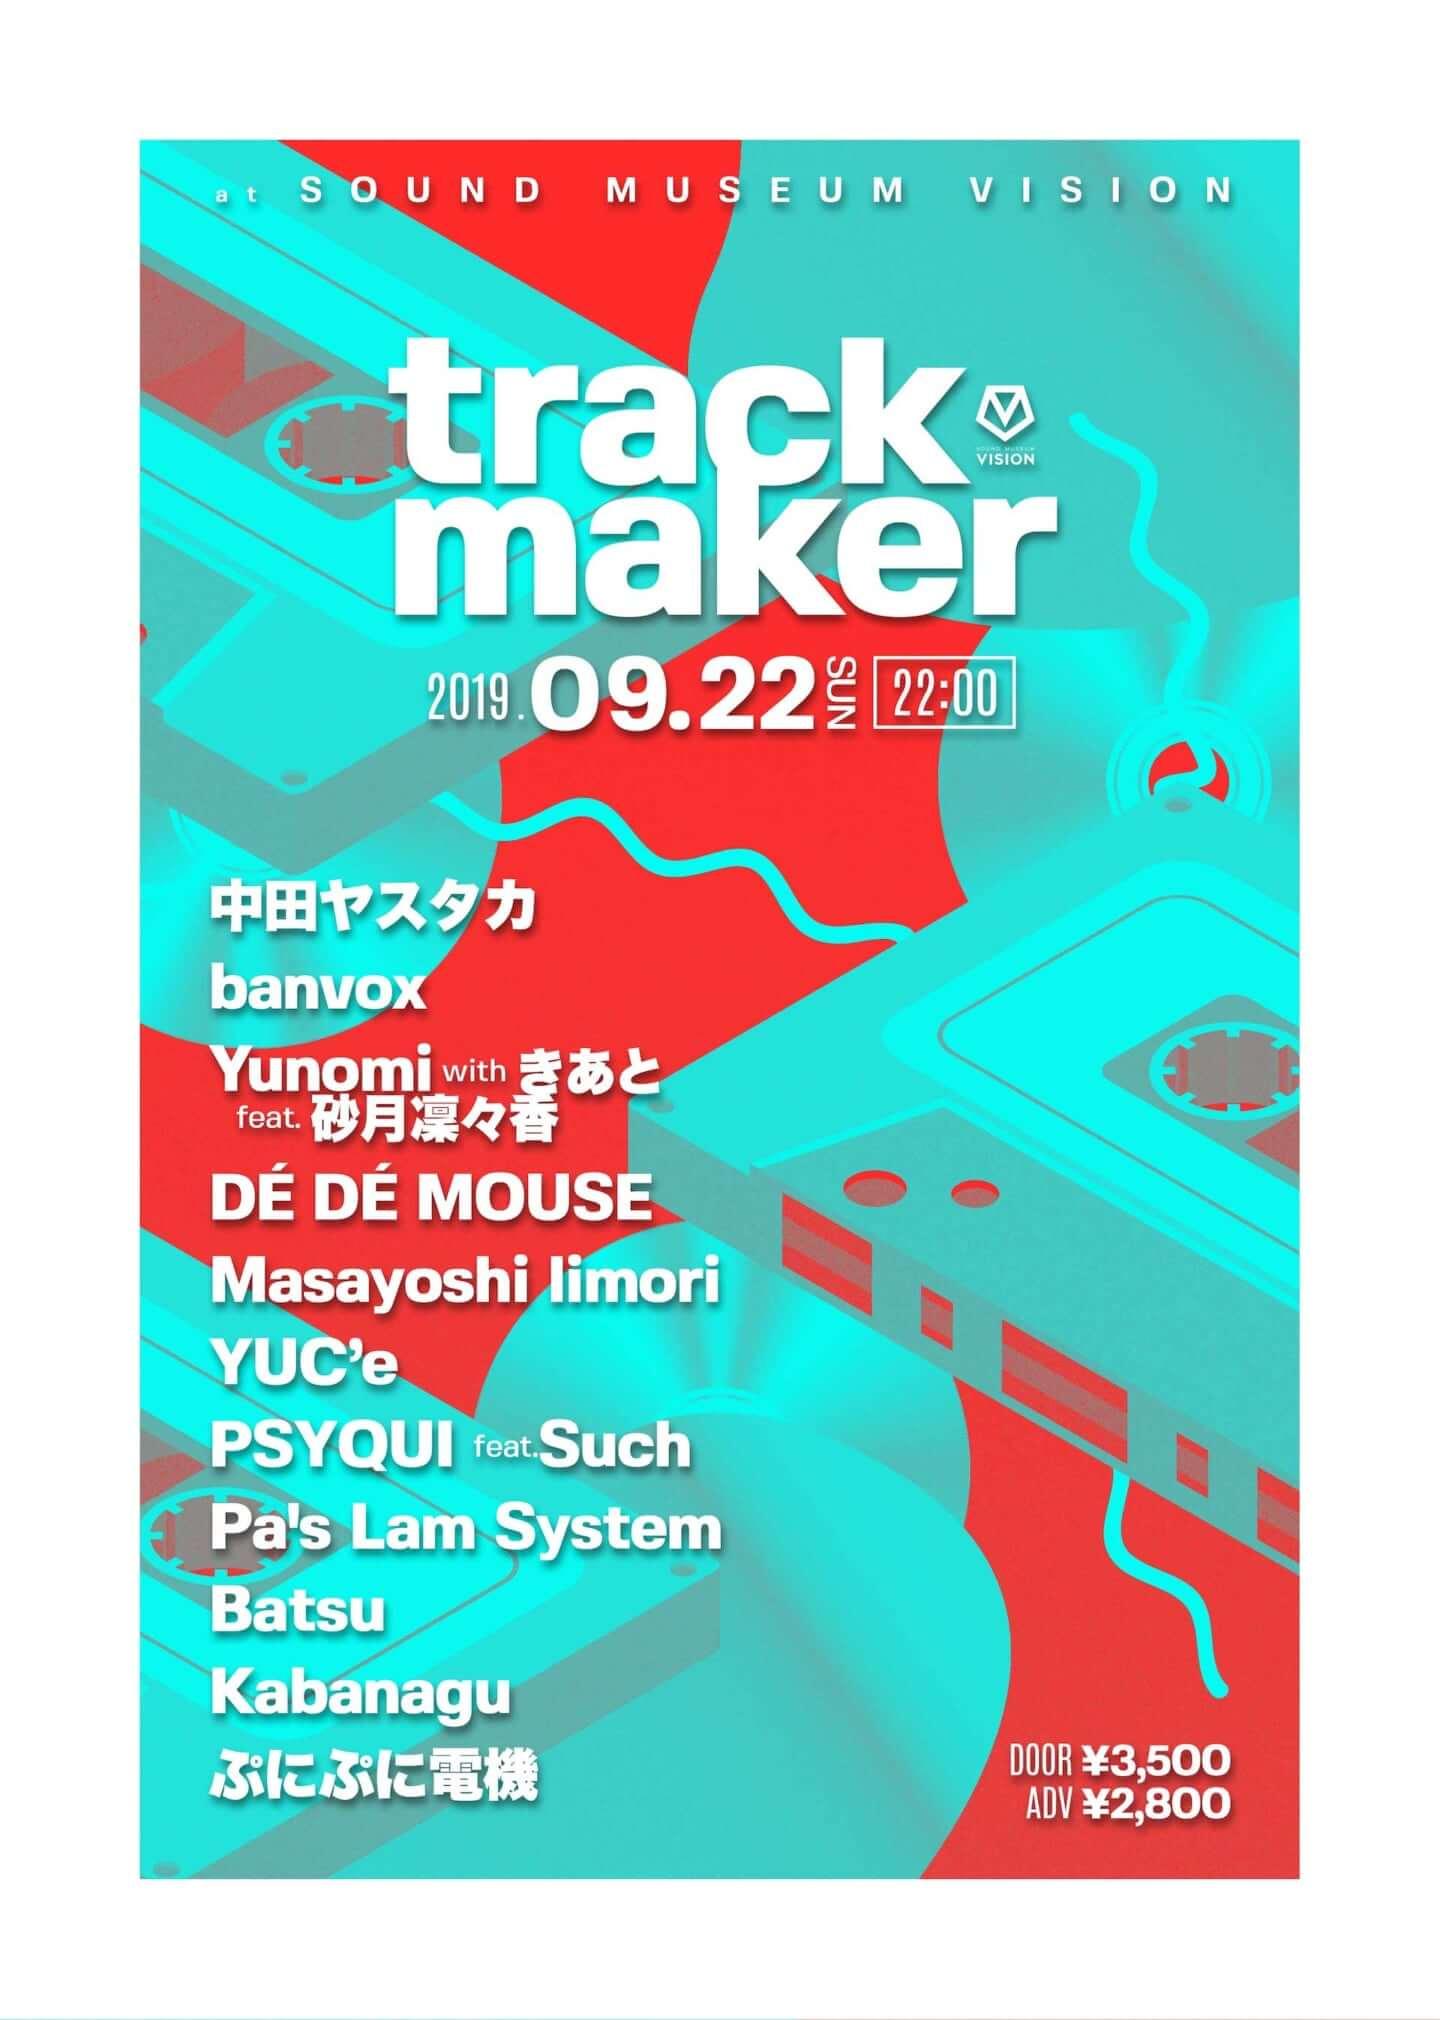 不動の人気イベント<trackmaker>が渋谷VISIONで開催|中田ヤスタカ、banvox、DÉ DÉ MOUSE、PSYQUIらが登場 trackmaker190922v-2-1440x2020